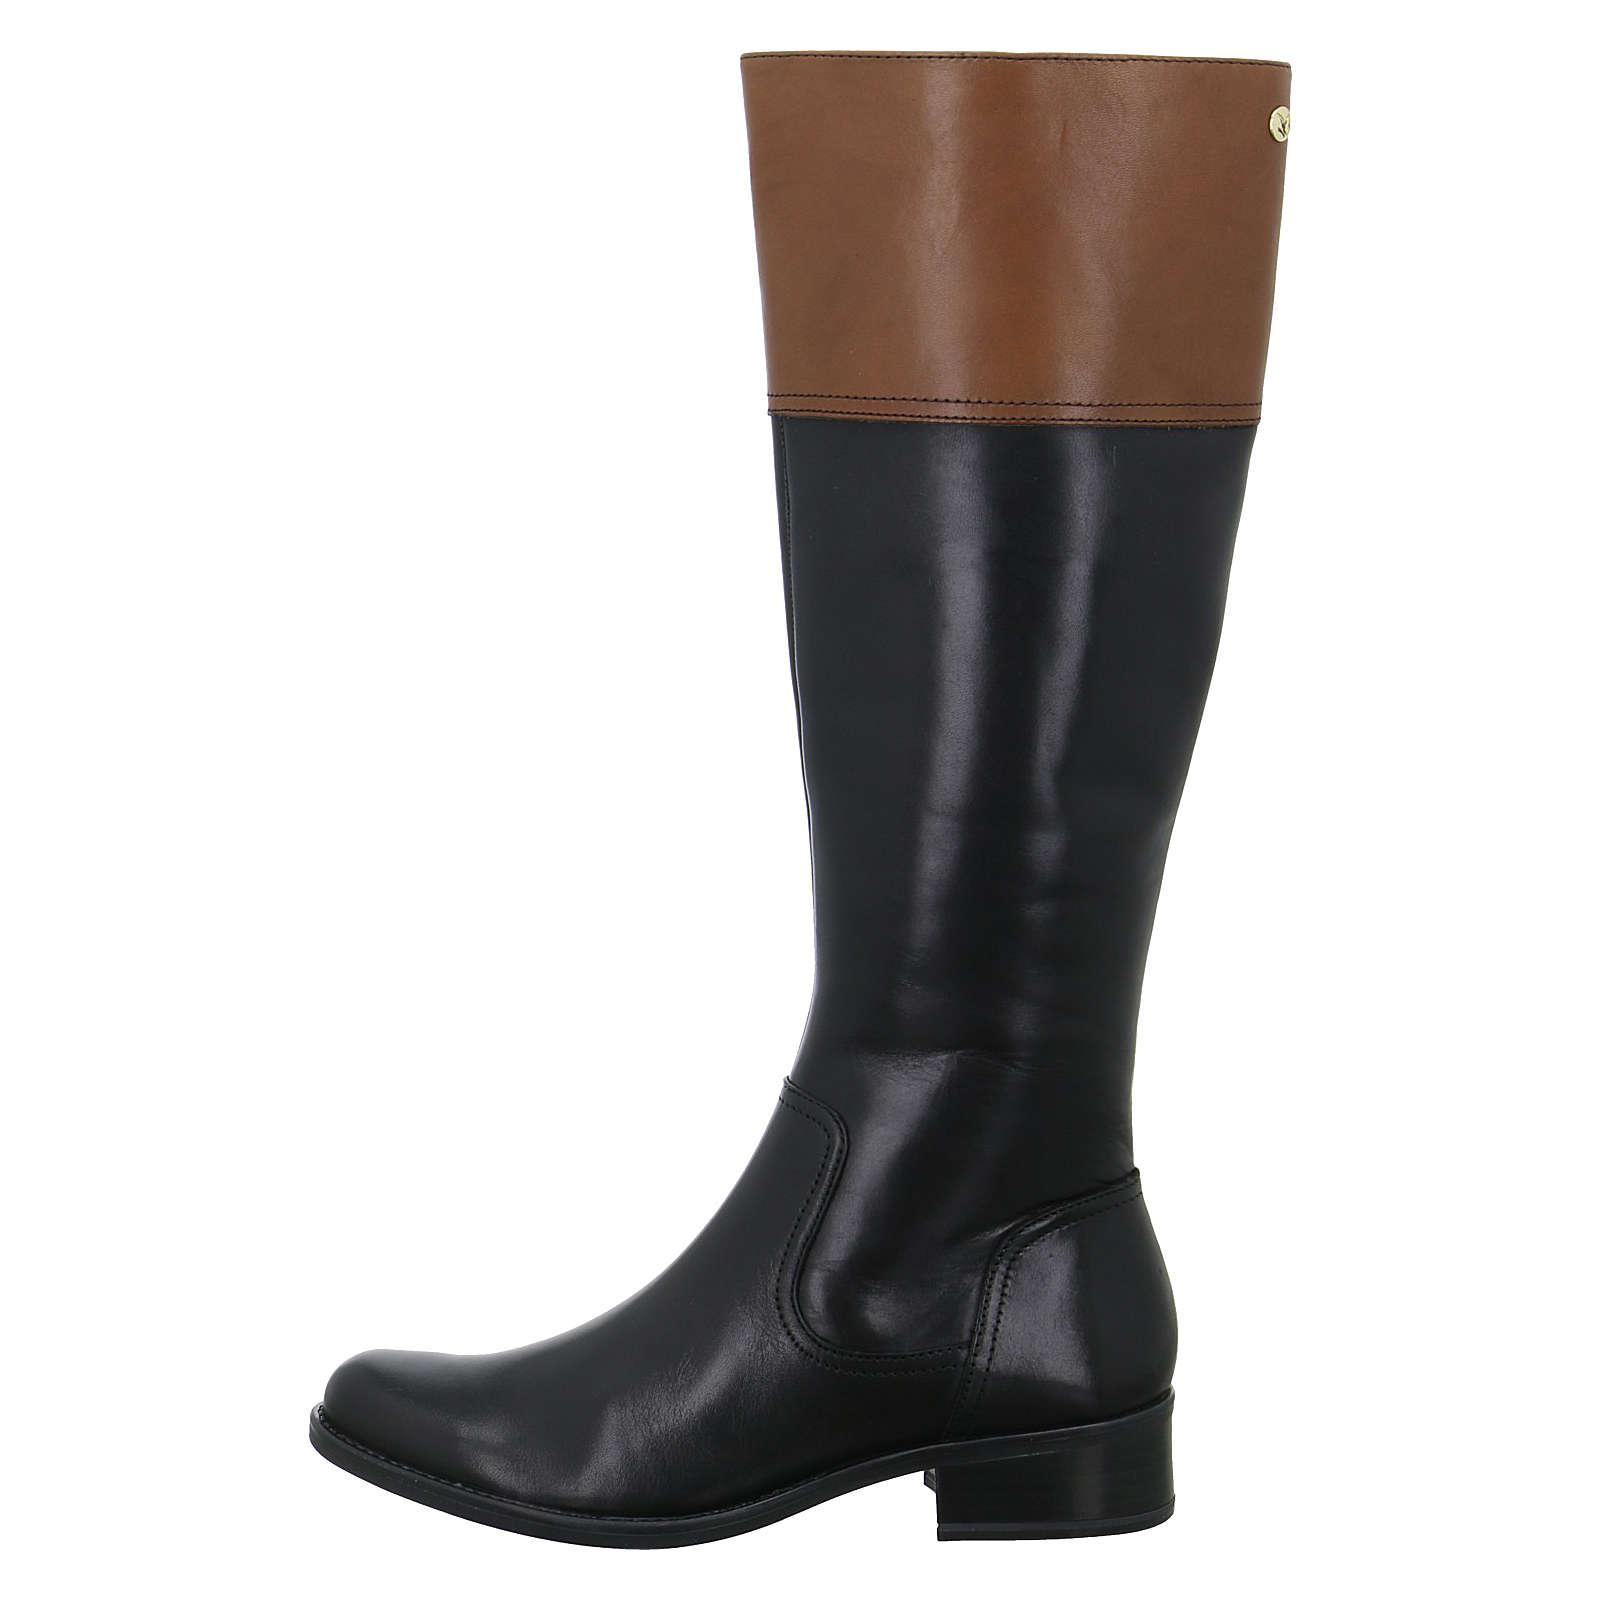 CAPRICE Stiefel 9-25525 schwarz Damen Gr. 38